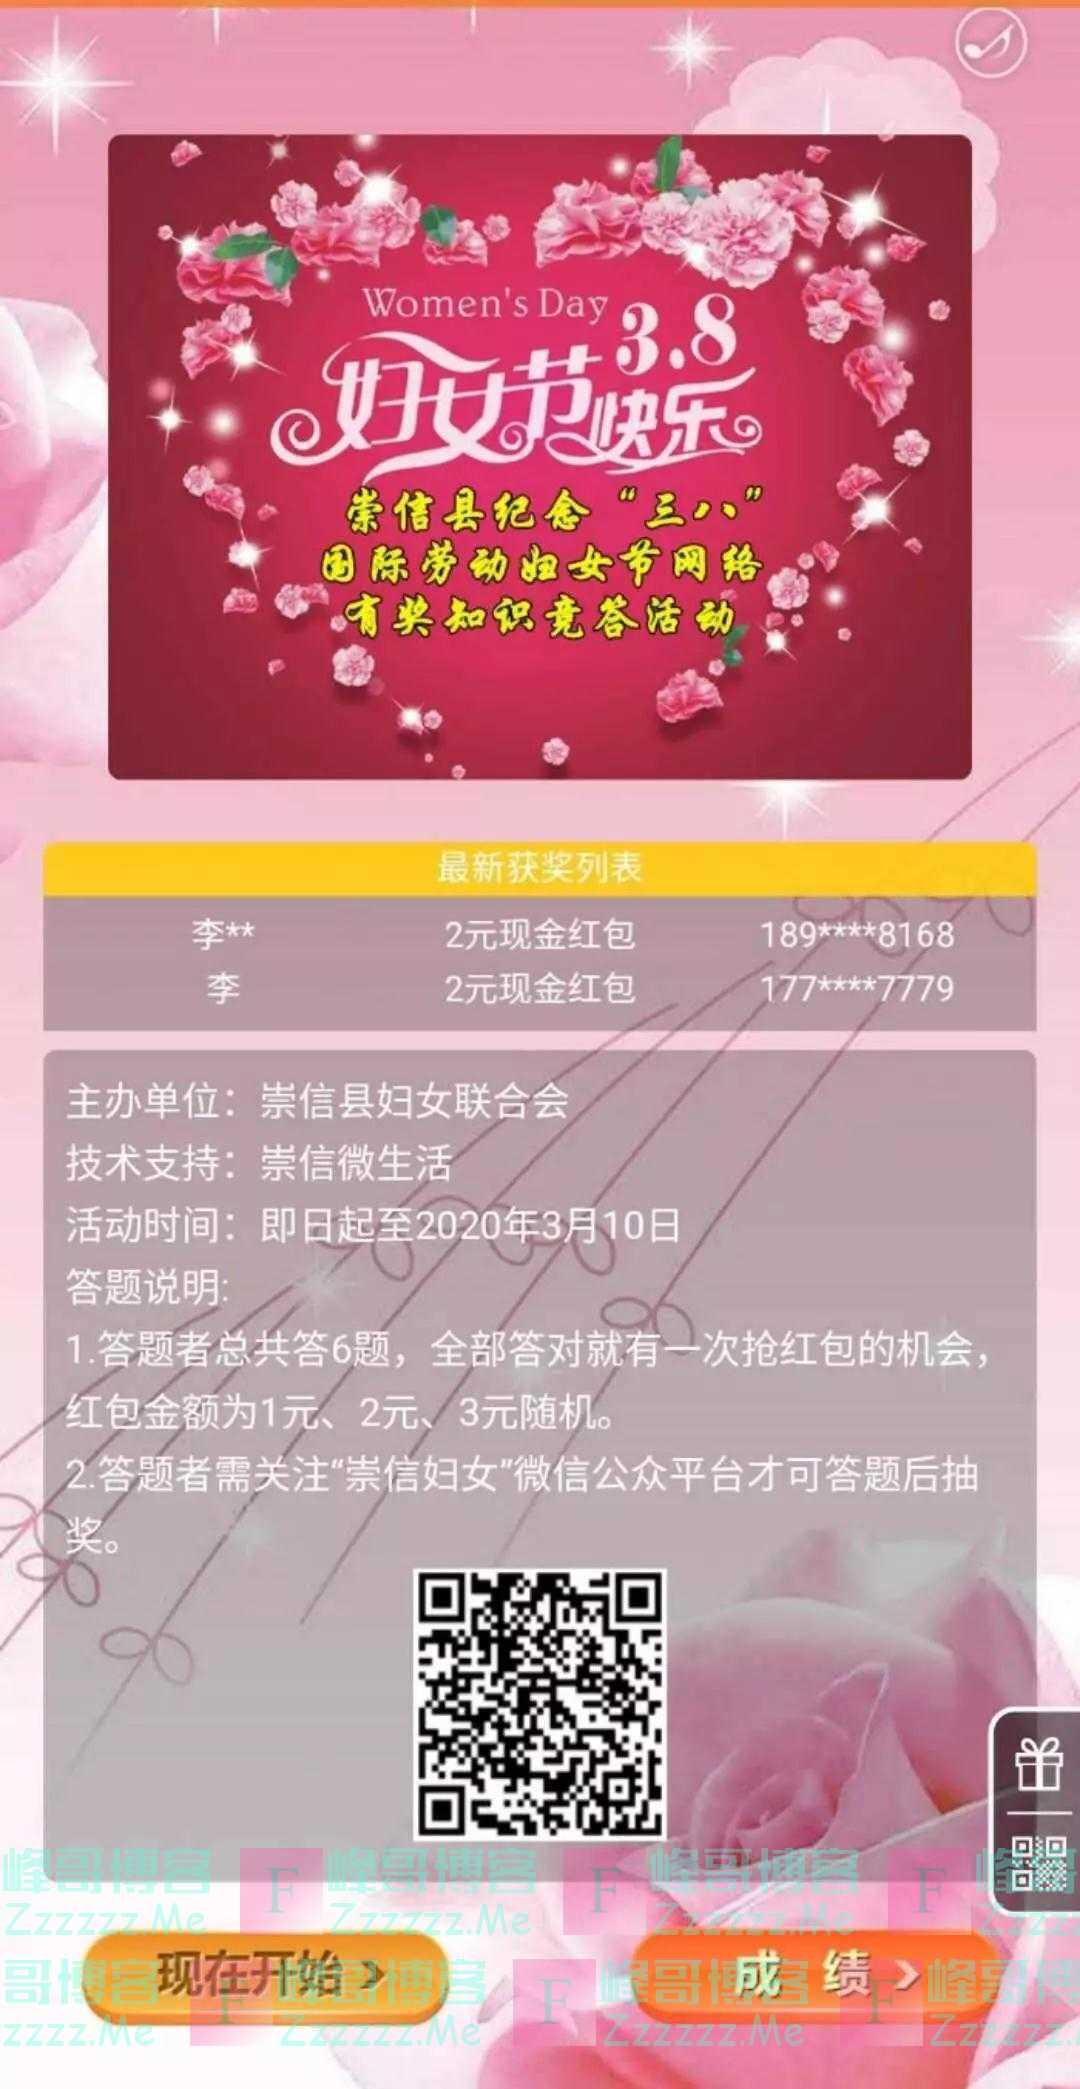 崇信妇女国际劳动妇女节网络有奖知识竞答(截止3月10日)